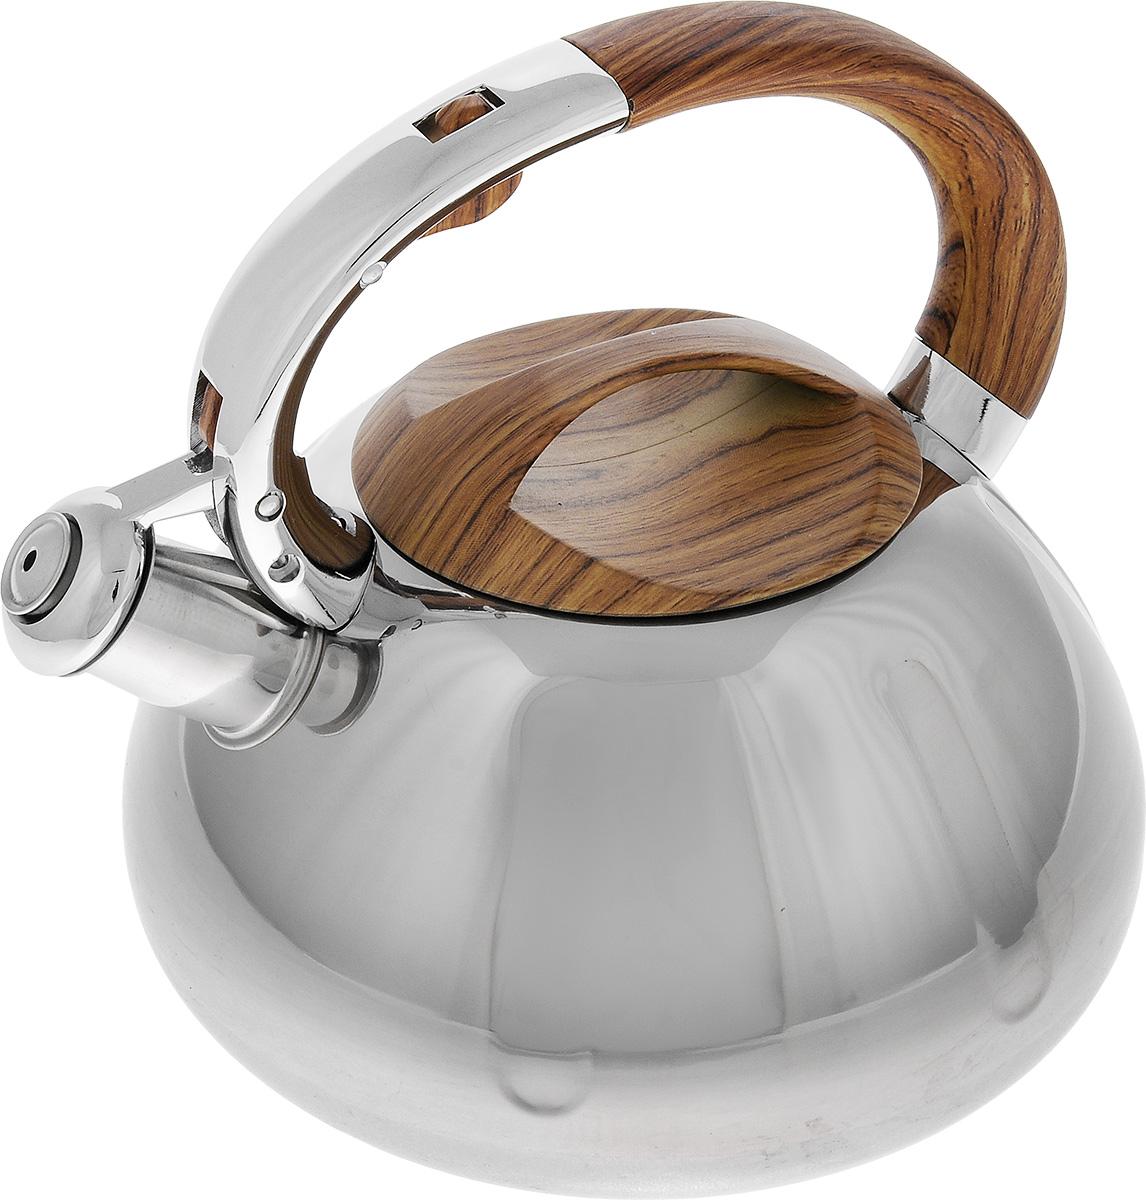 Чайник Mayer & Boch, со свистком, 2,6 л. 2241422414Чайник Mayer & Boch выполнен из высококачественной нержавеющей стали, что делает его весьма гигиеничным и устойчивым к износу при длительном использовании. Капсулированное дно с прослойкой из алюминия обеспечивает наилучшее распределение тепла. Носик чайника оснащен насадкой-свистком, что позволит вам контролировать процесс подогрева или кипячения воды. Фиксированная ручка, изготовленная из бакелита в цвет дерева, дает дополнительное удобство при разлитии напитка. Поверхность чайника гладкая, что облегчает уход за ним. Эстетичный и функциональный, с эксклюзивным дизайном, чайник будет оригинально смотреться в любом интерьере. Подходит для всех типов плит, включая индукционные. Можно мыть в посудомоечной машине. Высота чайника (без учета ручки и крышки): 11,5 см. Высота чайника (с учетом ручки и крышки): 21 см. Диаметр чайника (по верхнему краю): 11,5 см.